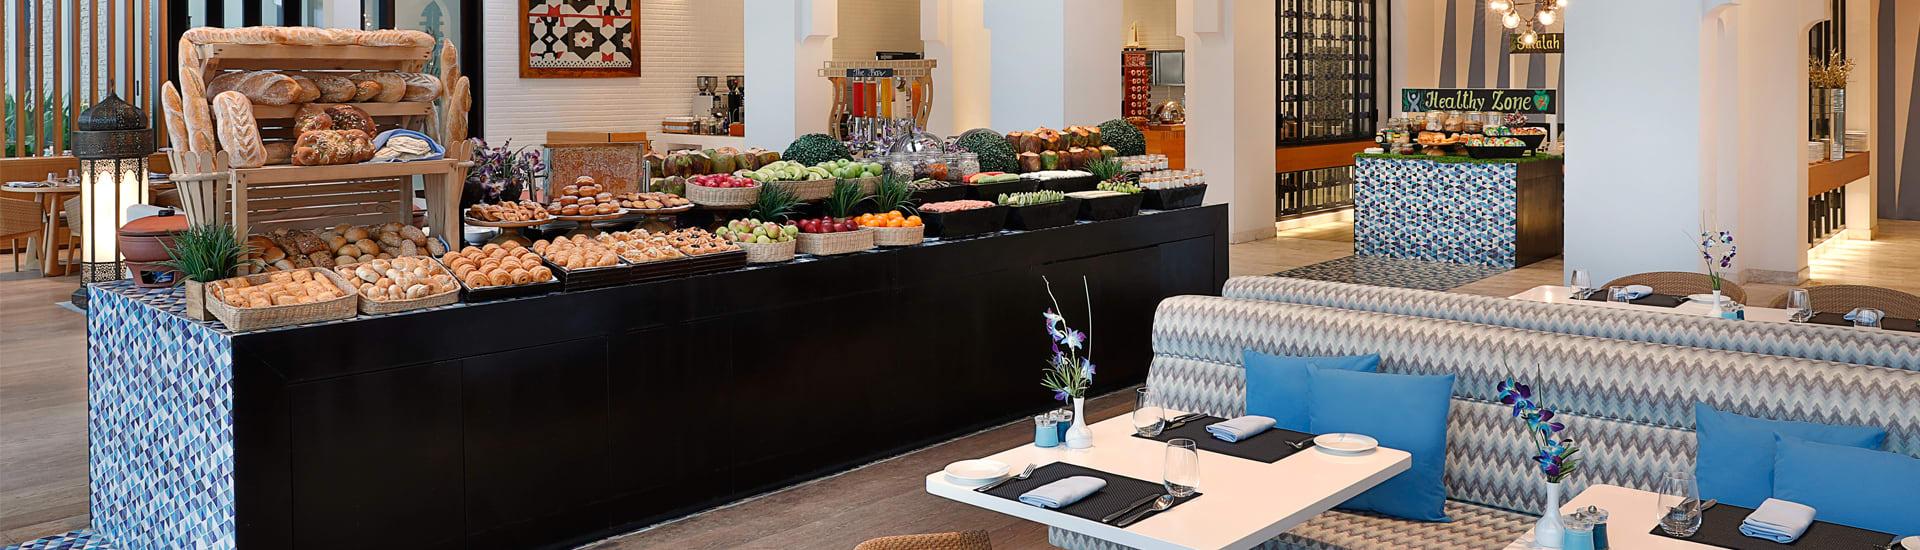 Wide Range of Dining Options at Sakalan Restaurant of Anantara Oman